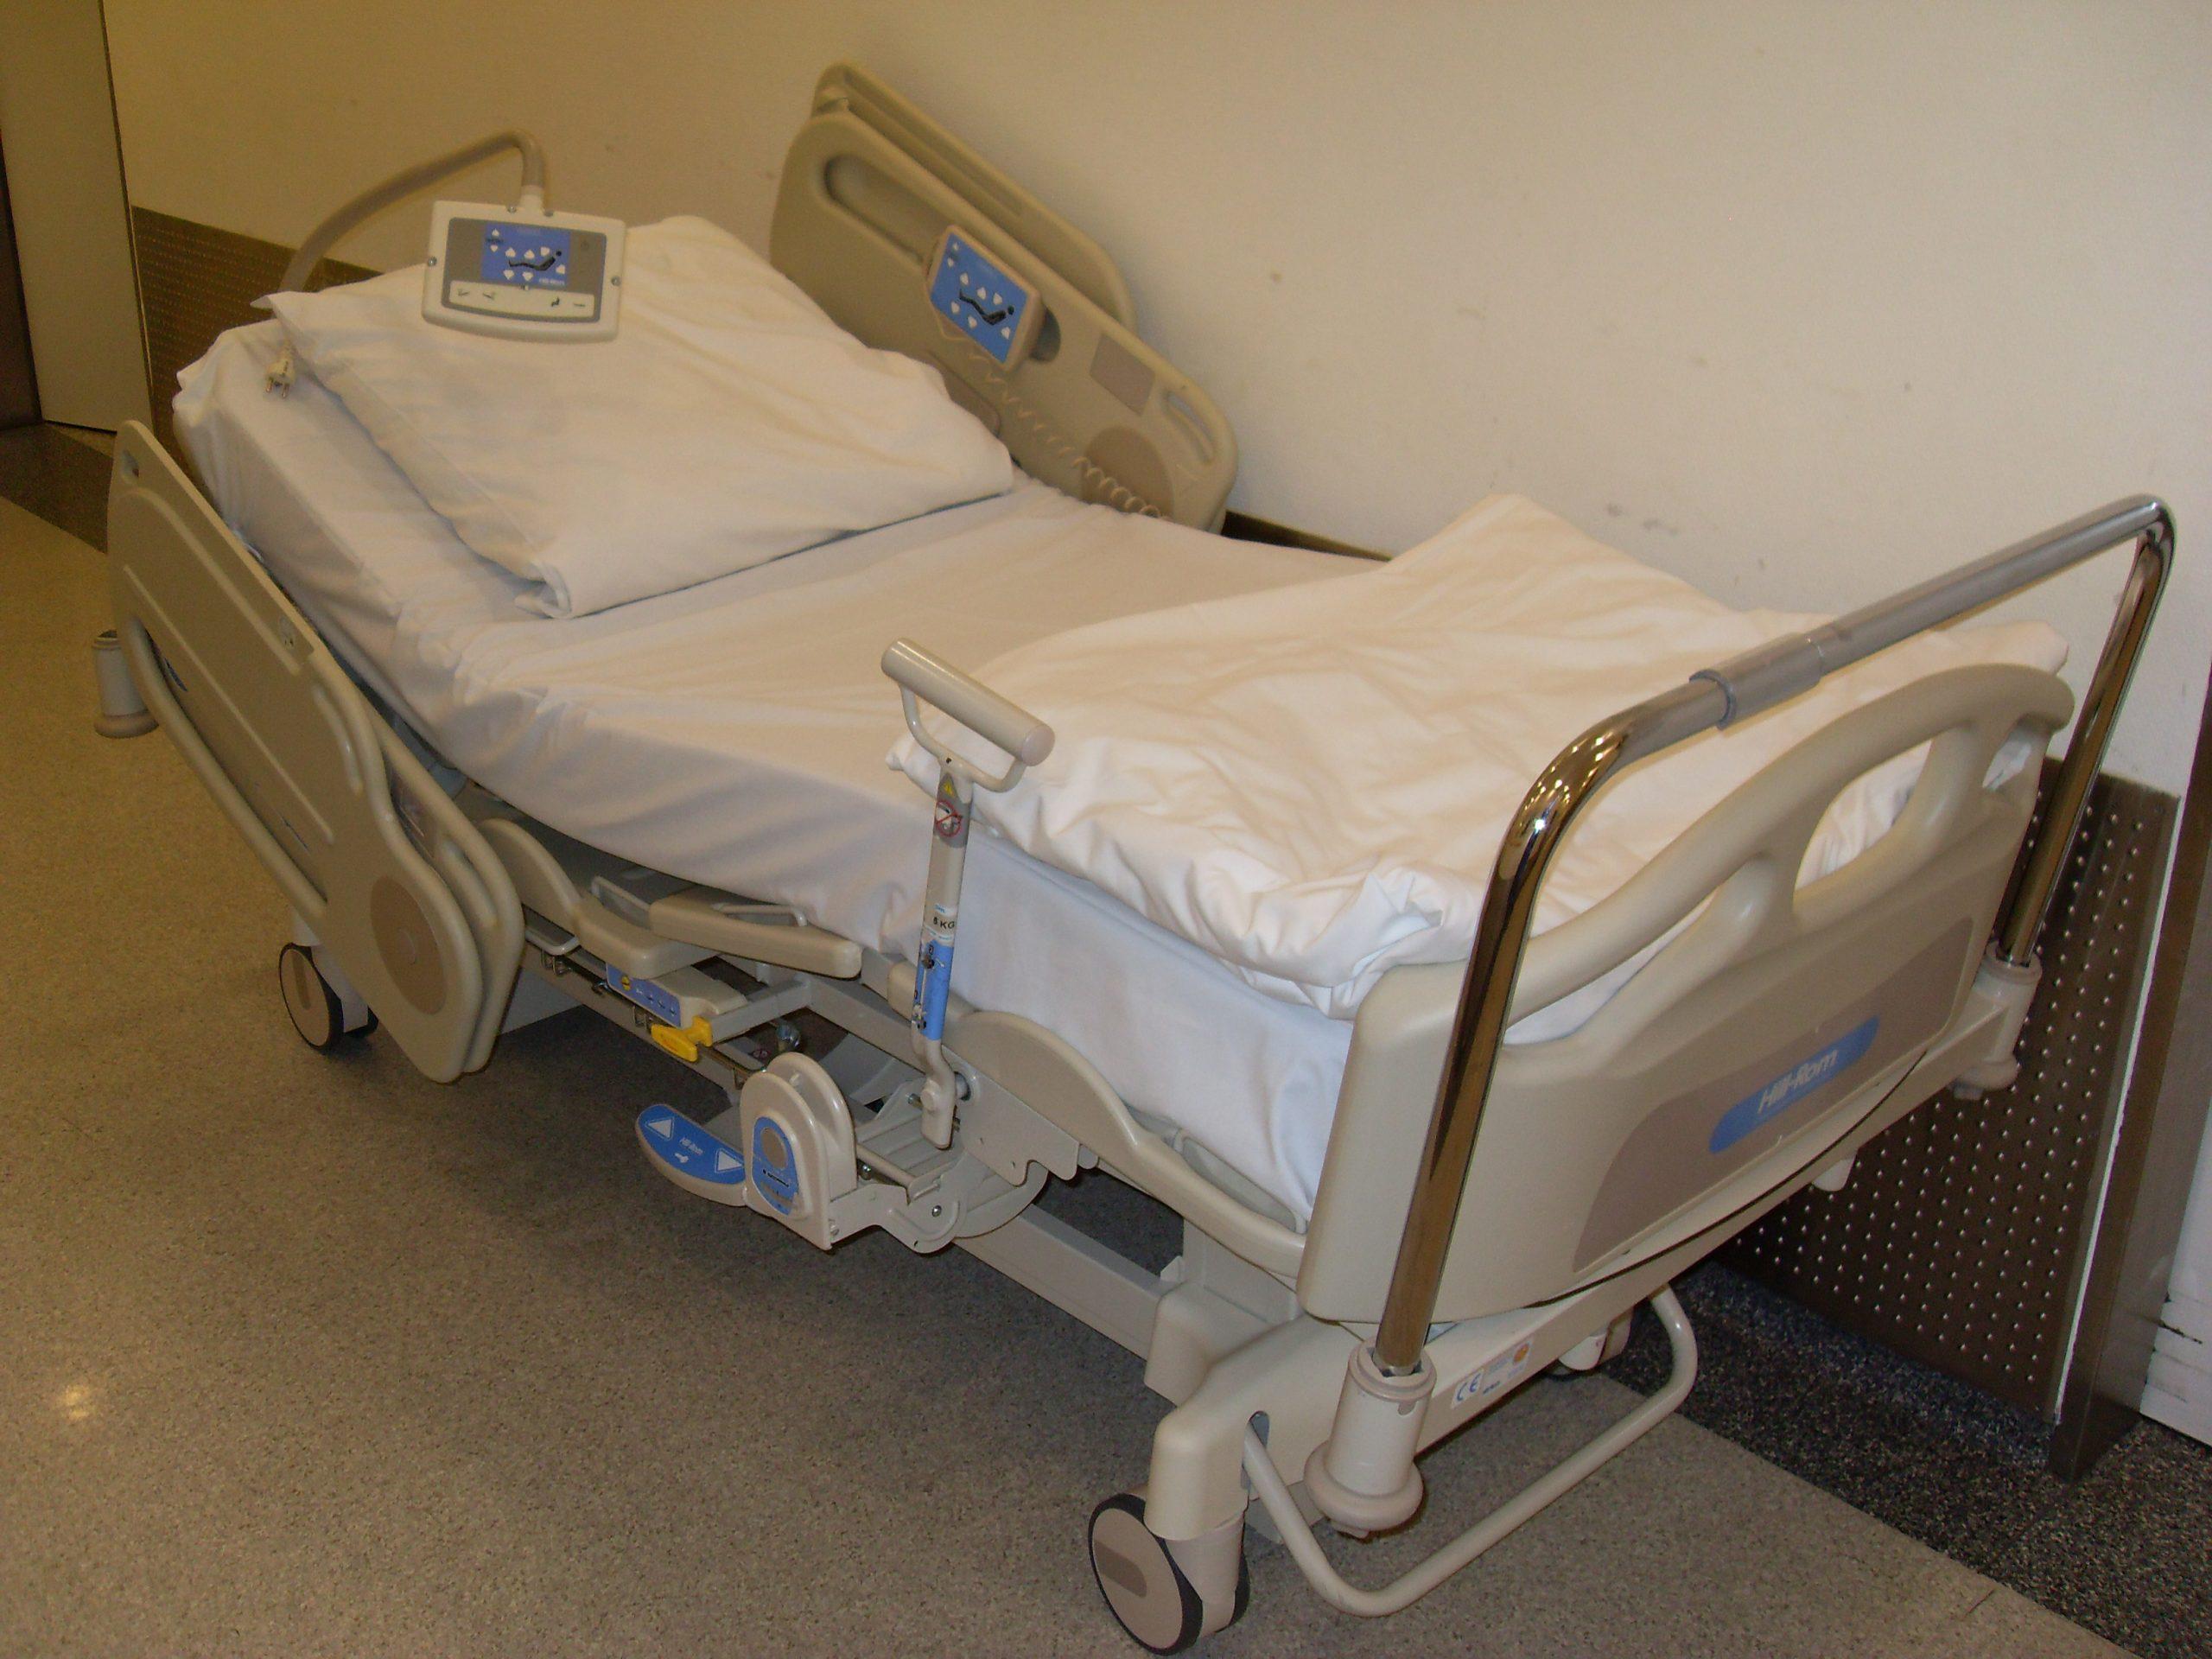 Full Size of Krankenhausbett Wikipedia Für Betten Teppich Küche Außergewöhnliche Sofa Esszimmer Luxus Spielgeräte Garten Outlet Team 7 Kaufen 140x200 Fliesen Dusche Bett Betten Für übergewichtige